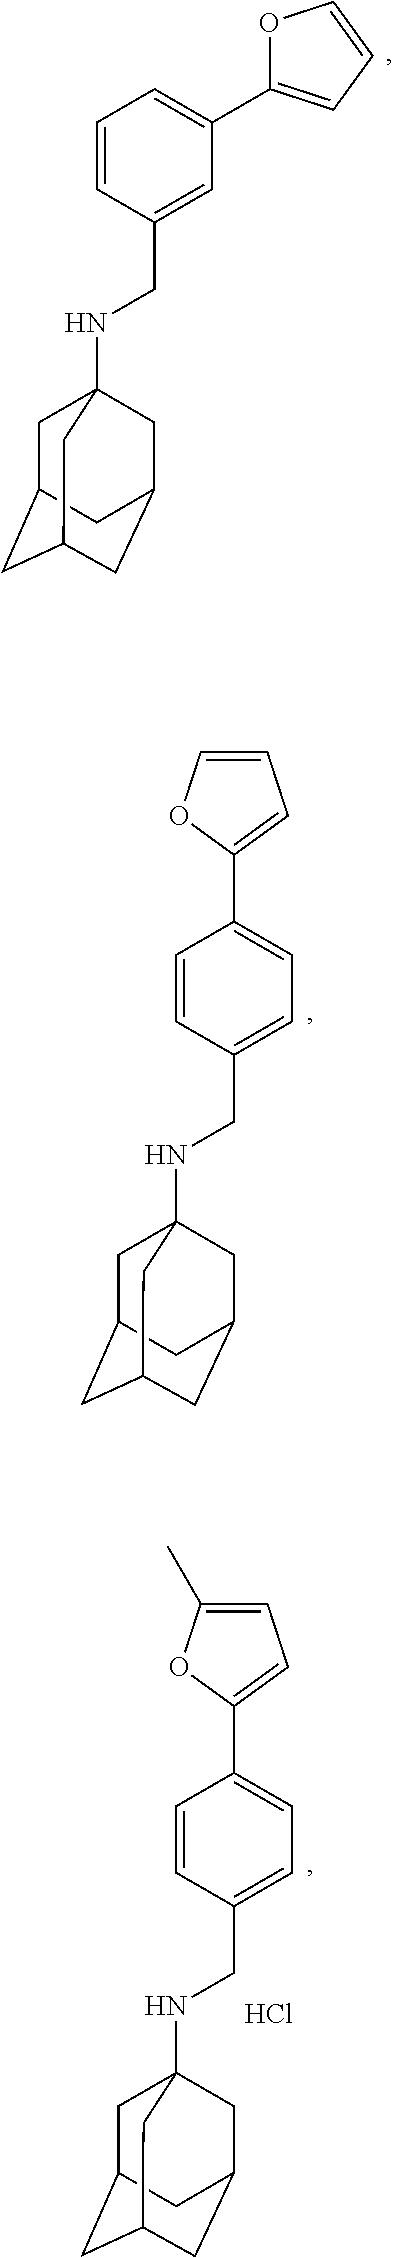 Figure US09884832-20180206-C00034